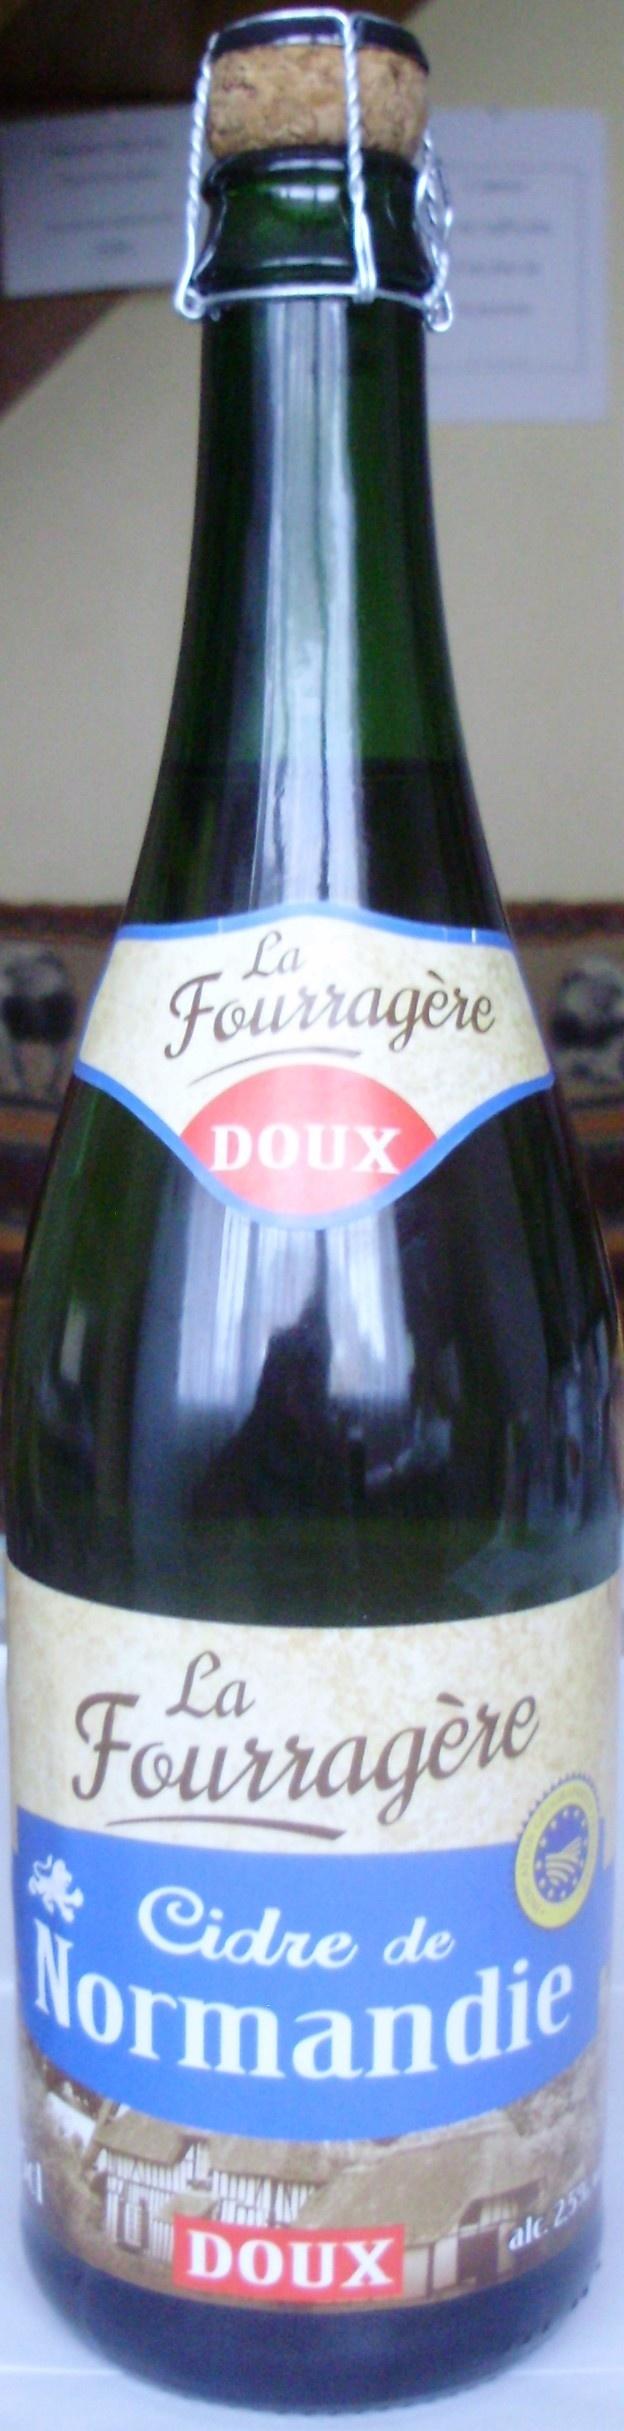 Cidre de Normandie, Doux (alc. 2,5 % vol) - Product - fr